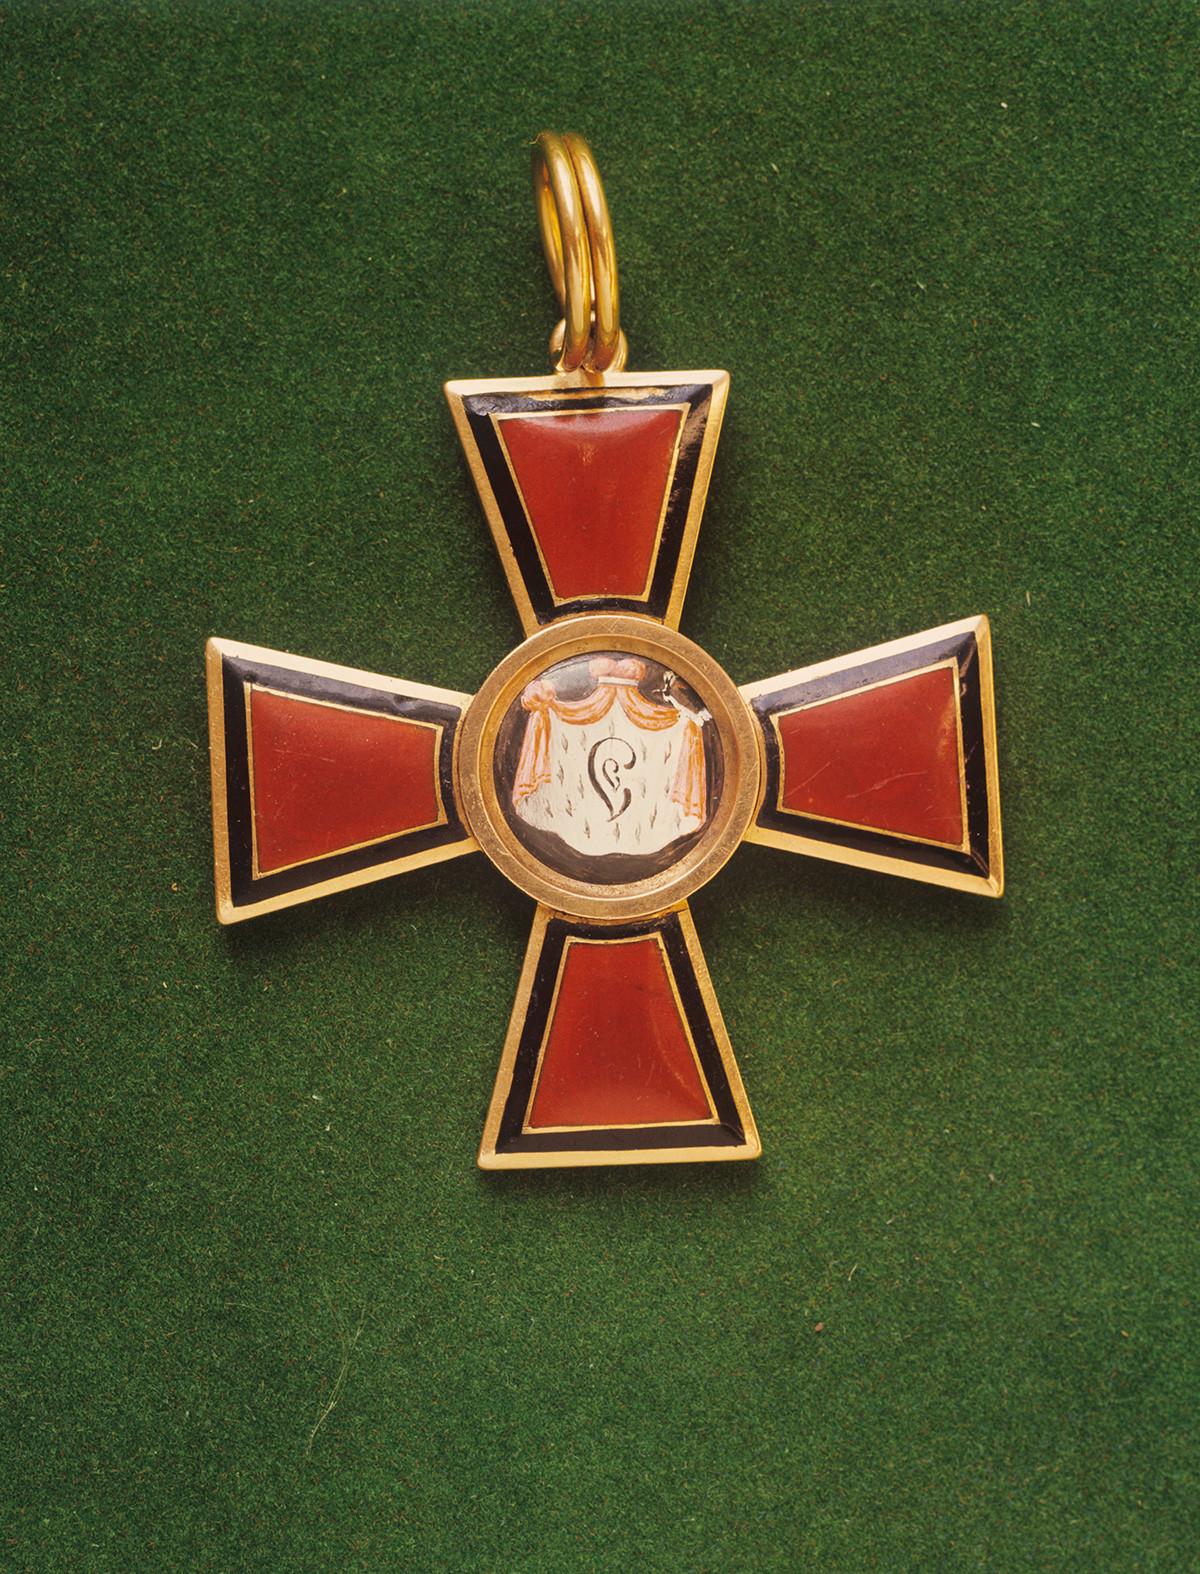 勲一等の聖ウラジーミル勲章の記章